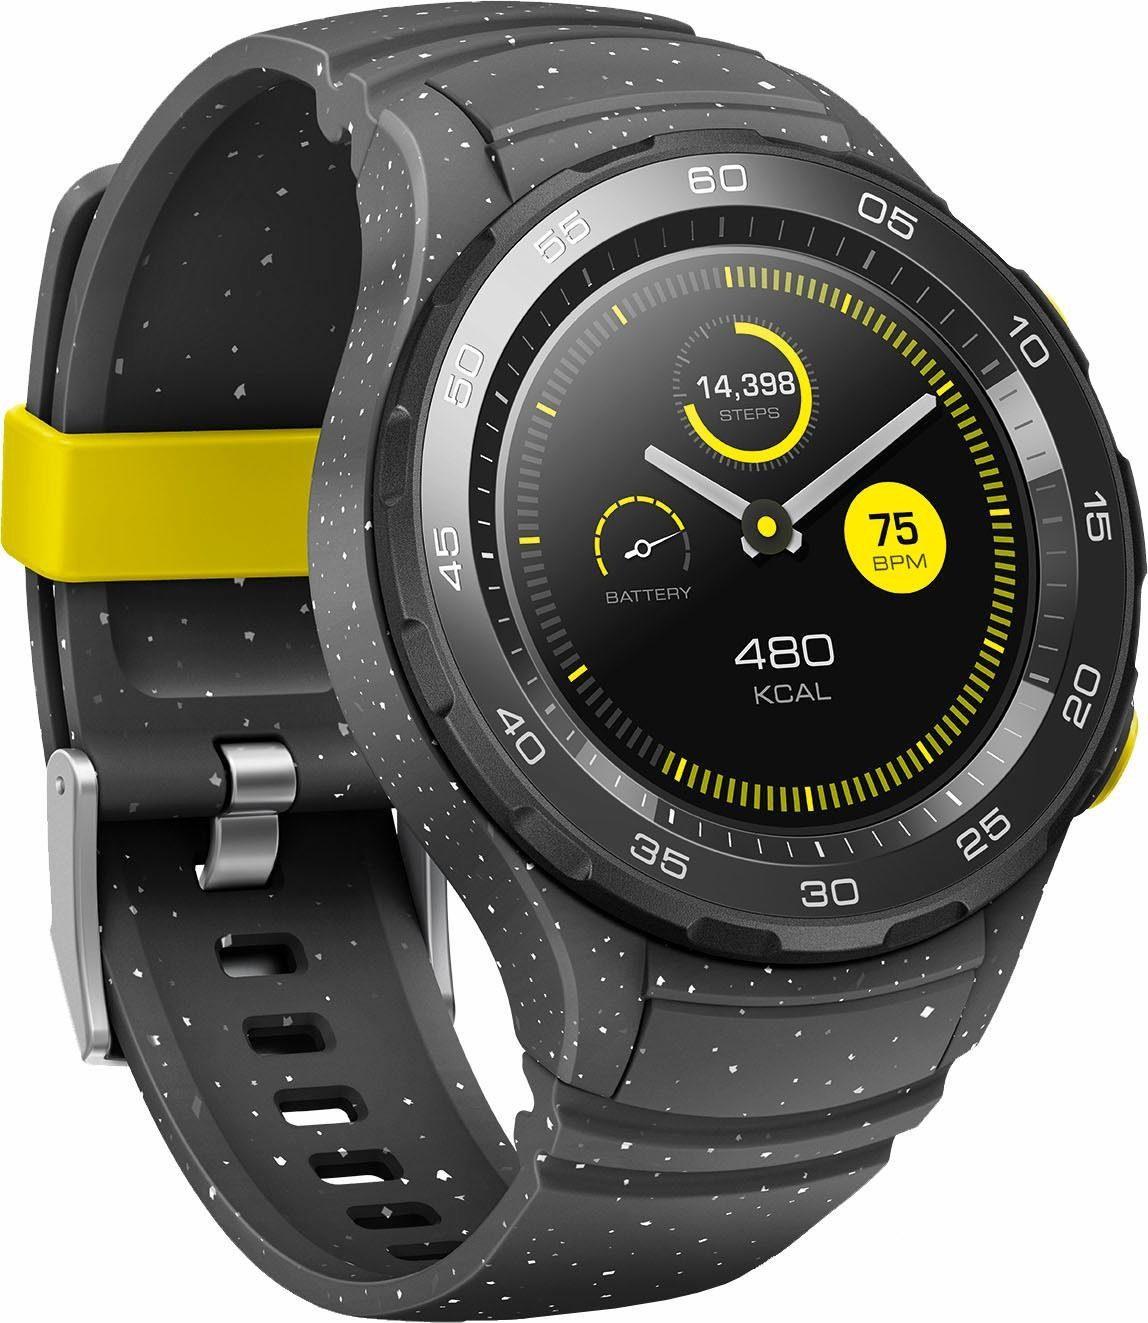 [OTTO/Amazon] Huawei Watch 2 Bluetooth Smartwatch (3,05 cm/1,2 Zoll, Android Wear) in grau für 169,99 statt 259,99 €